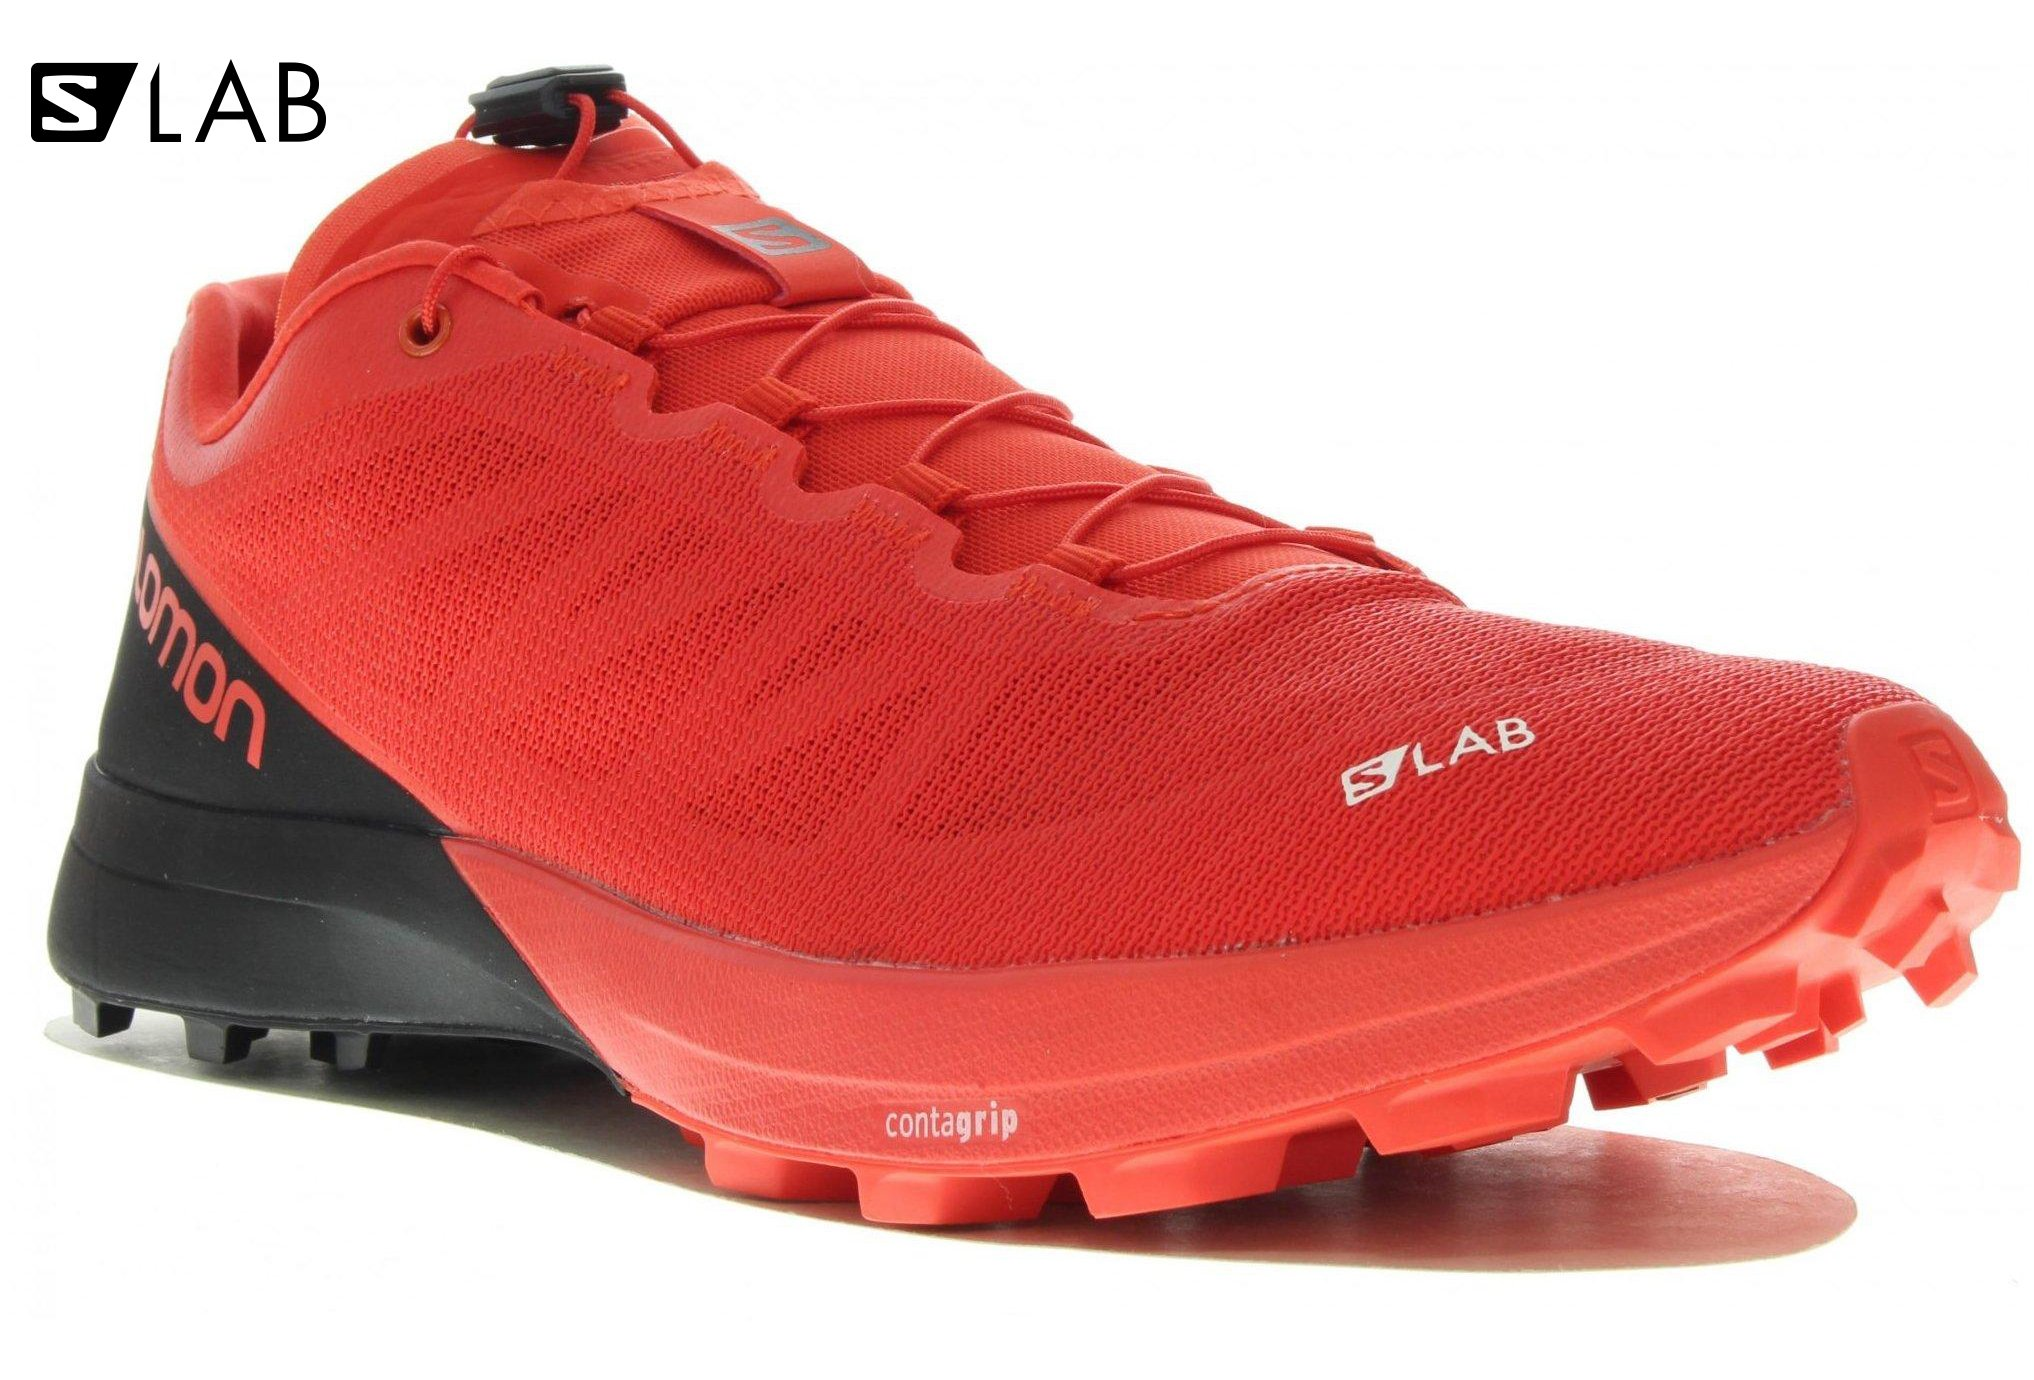 Salomon S-Lab Sense 7 SG W Chaussures running femme